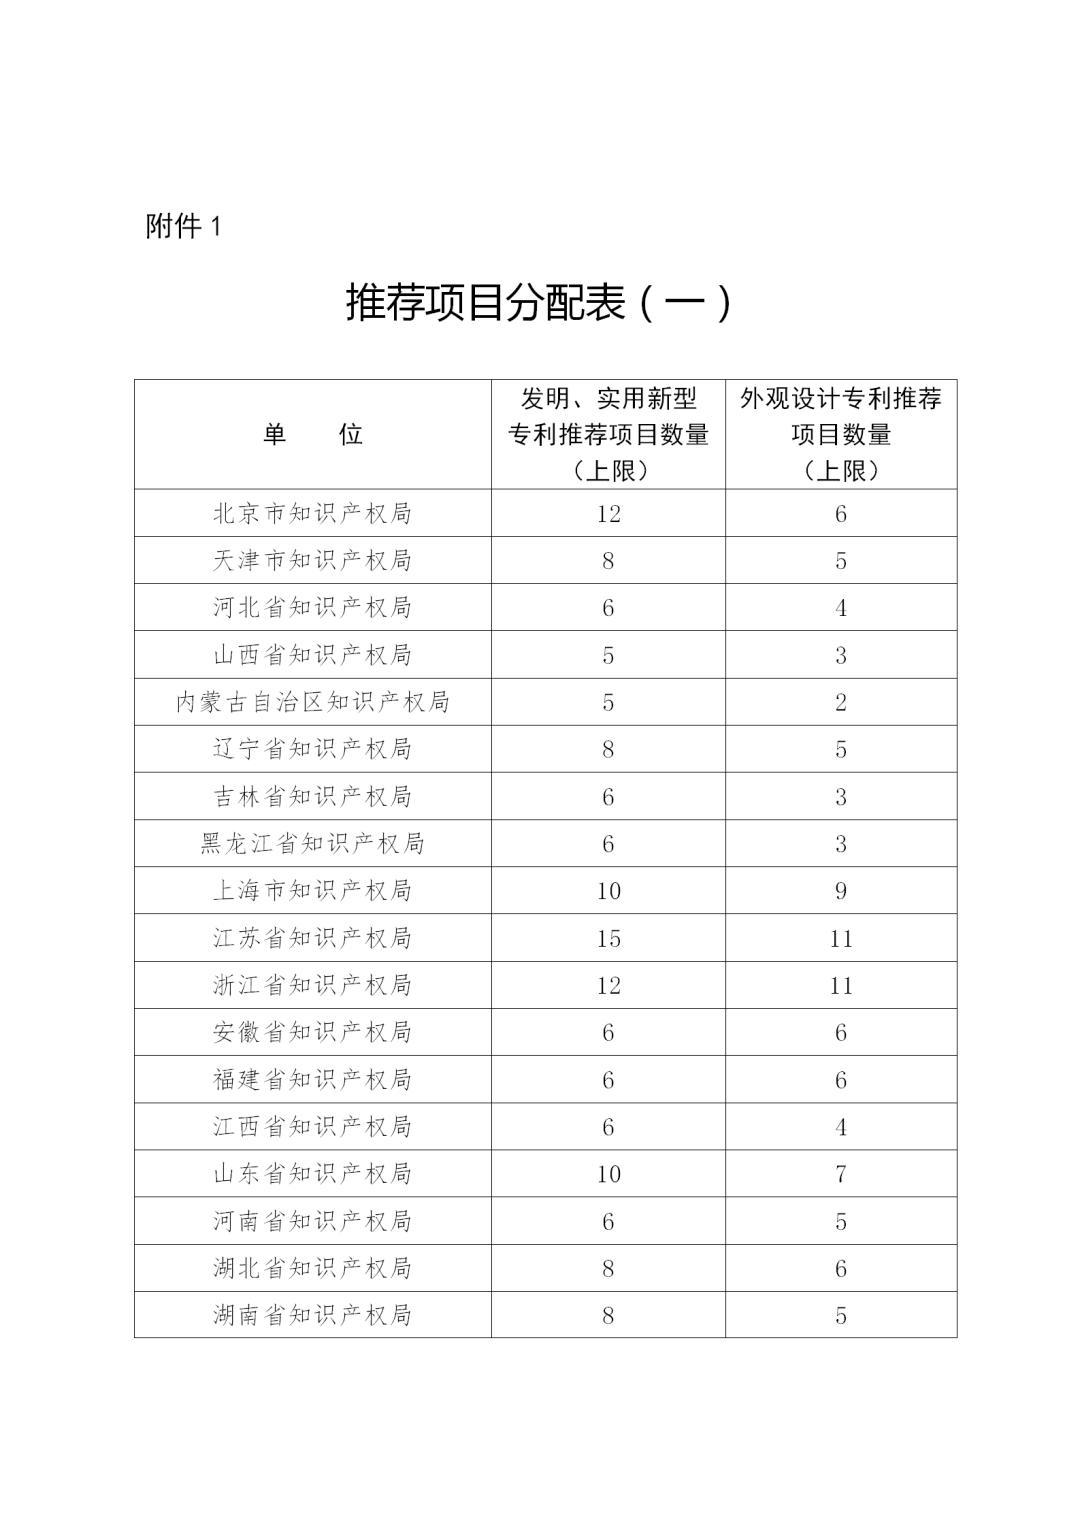 第二十二届中国专利奖评选来了!报送材料截止日期为2020年11月15日